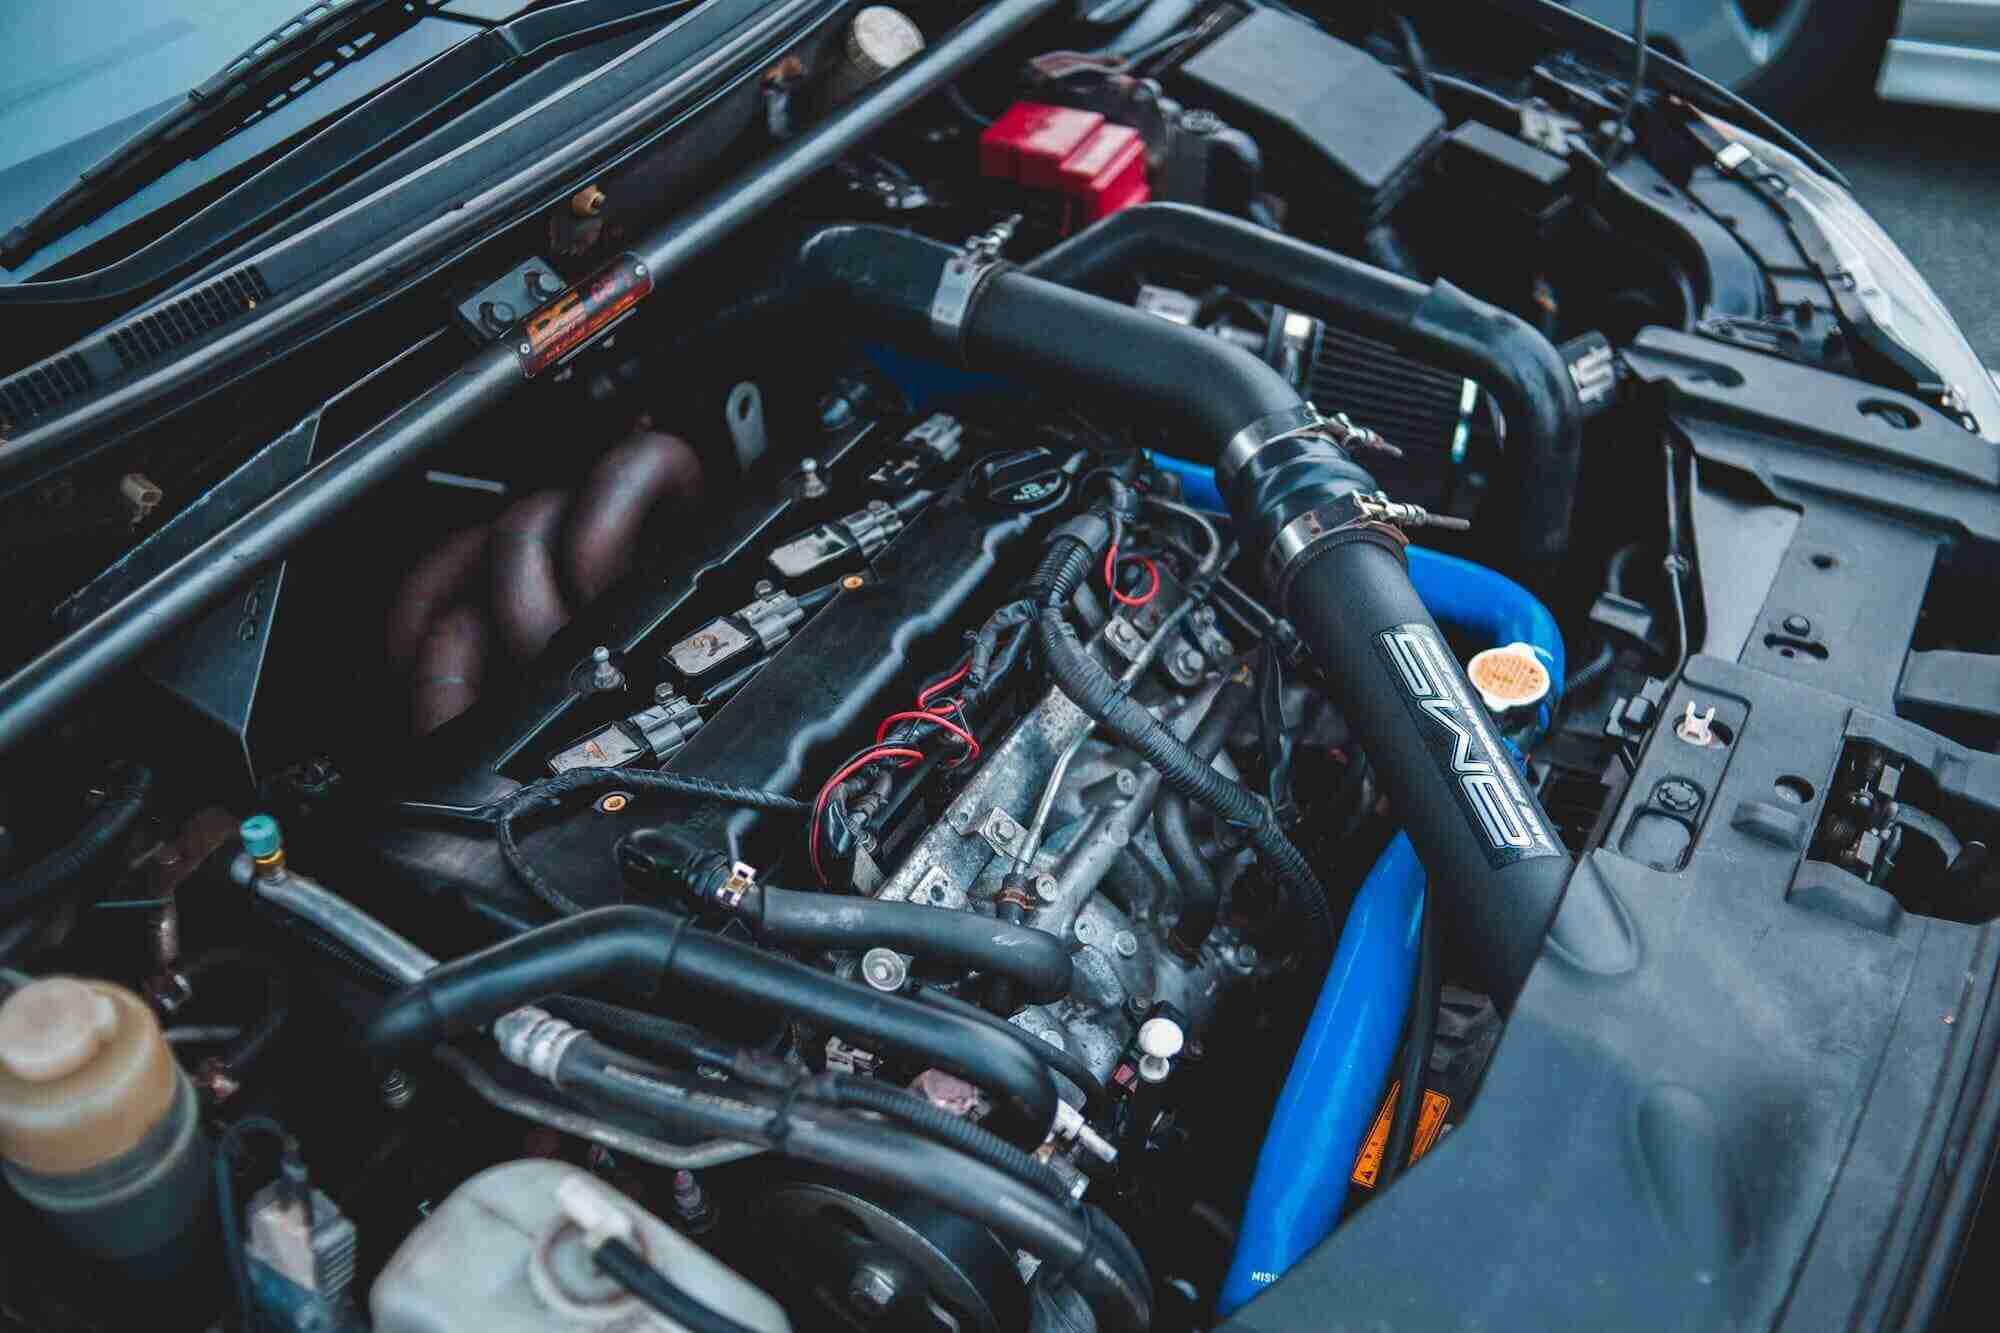 Best engine oil 10w50